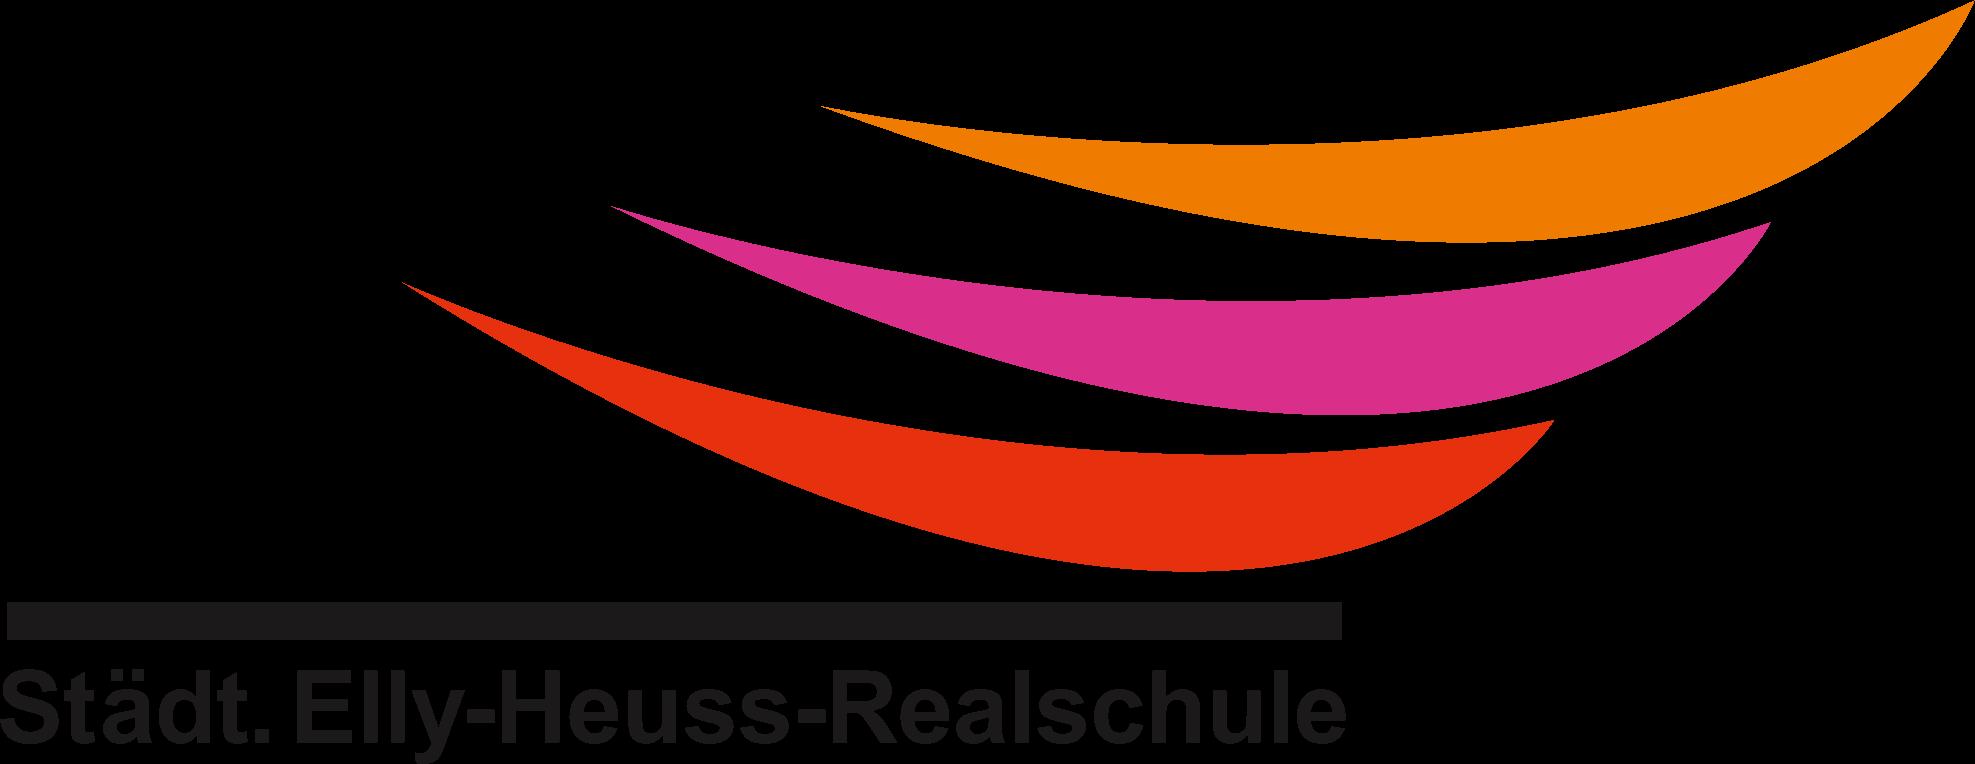 Städtische Elly-Heuss-Realschule